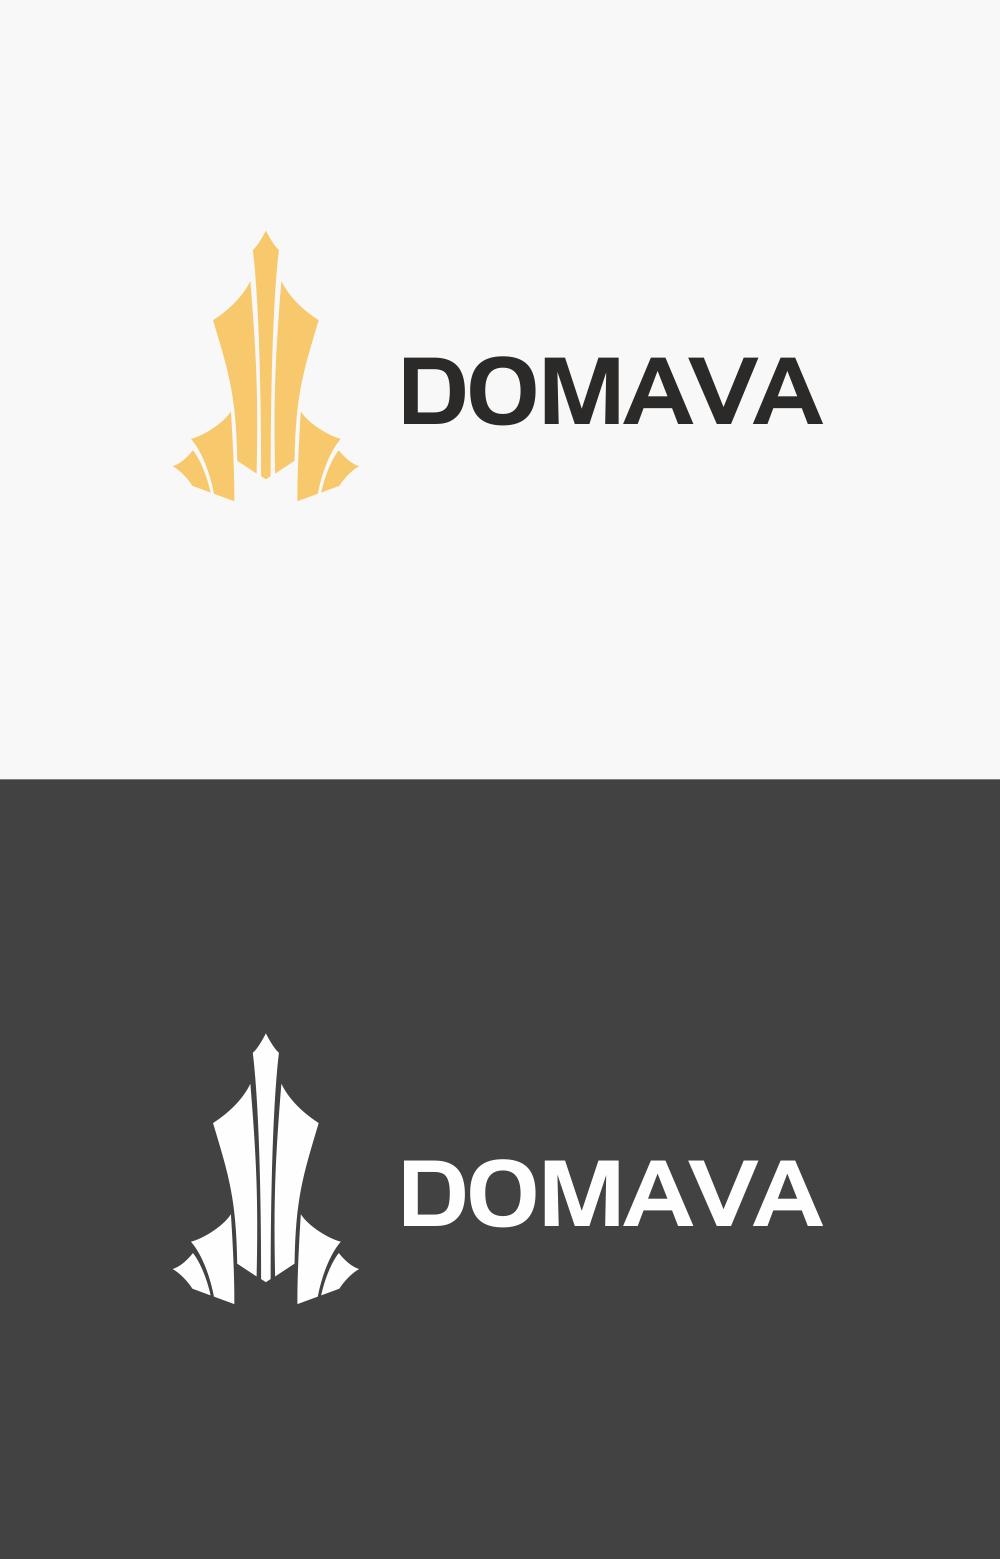 Разработка логотипа с паспортом стандартов фото f_3425b9f5b43c2916.png